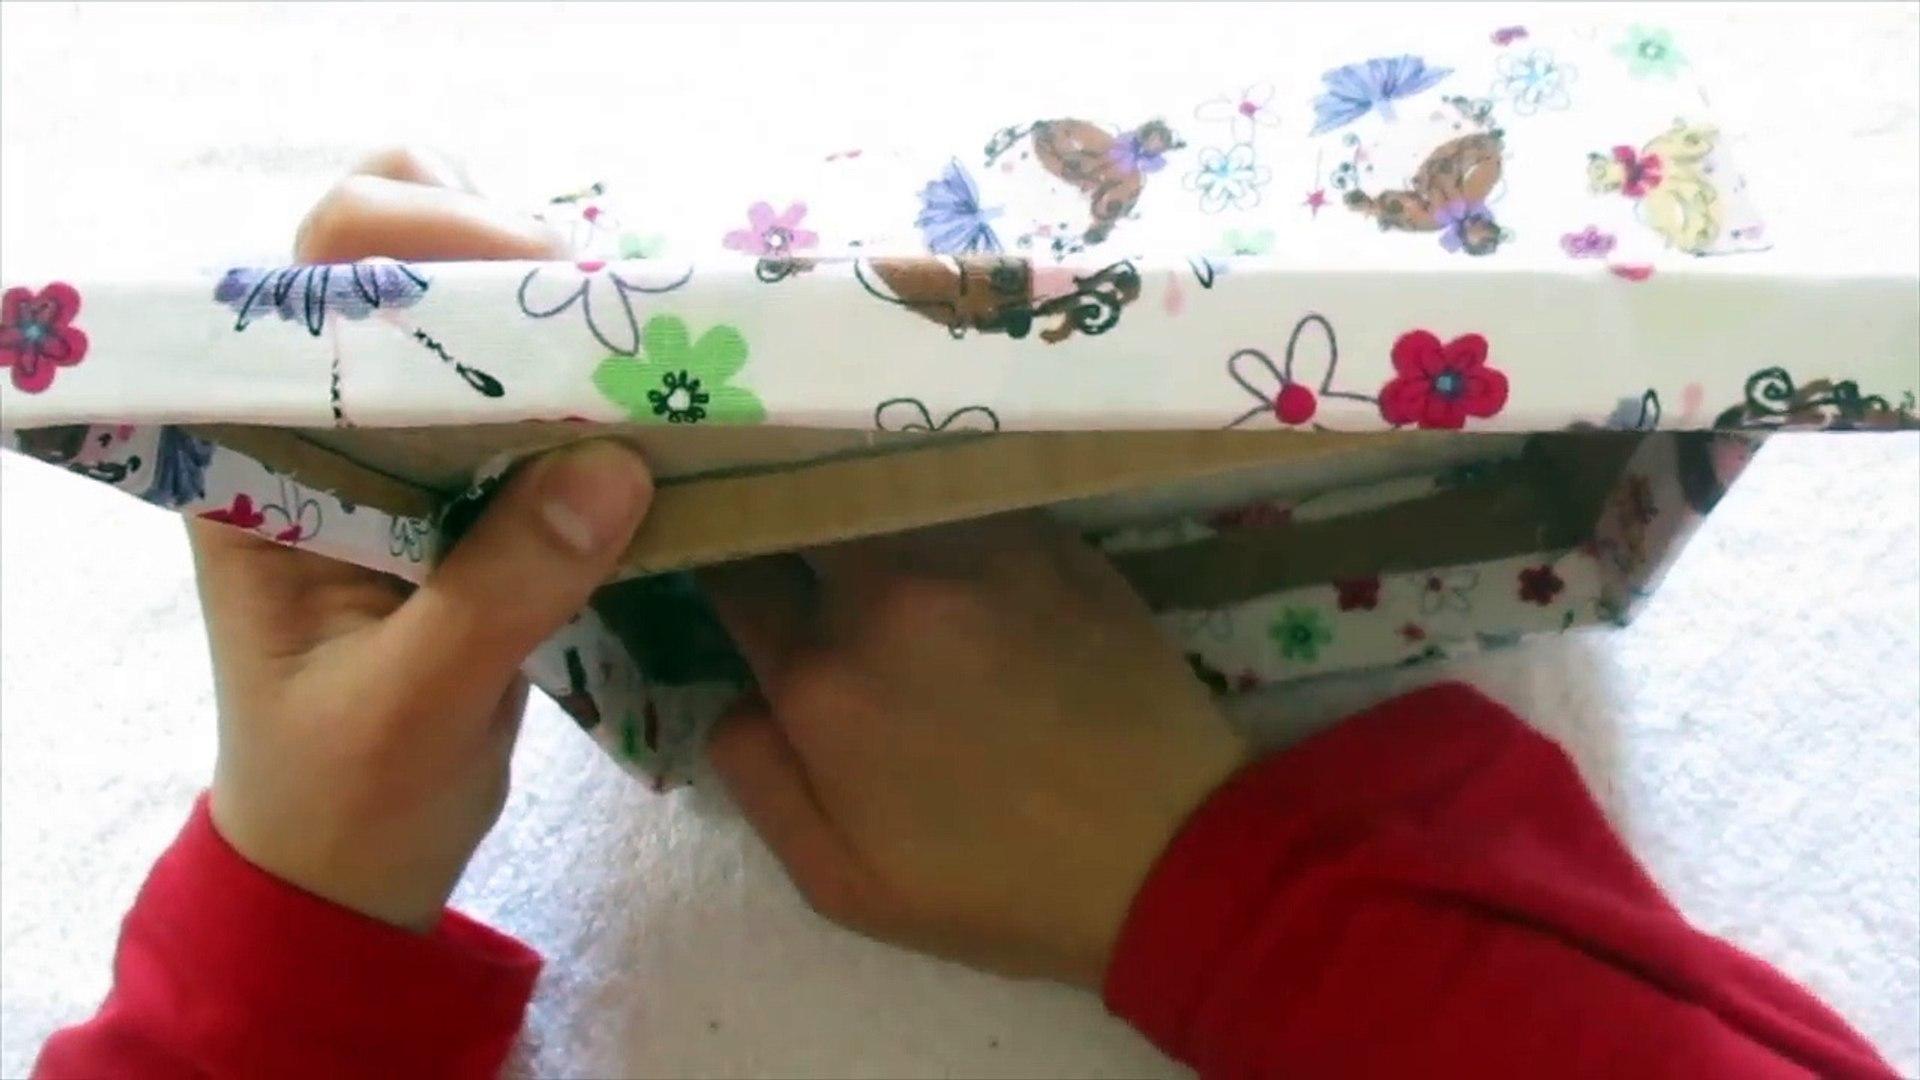 من علبة محارم الى علبة لترتيب الاكسسوارات DIY recycling tissue box to jewelry box